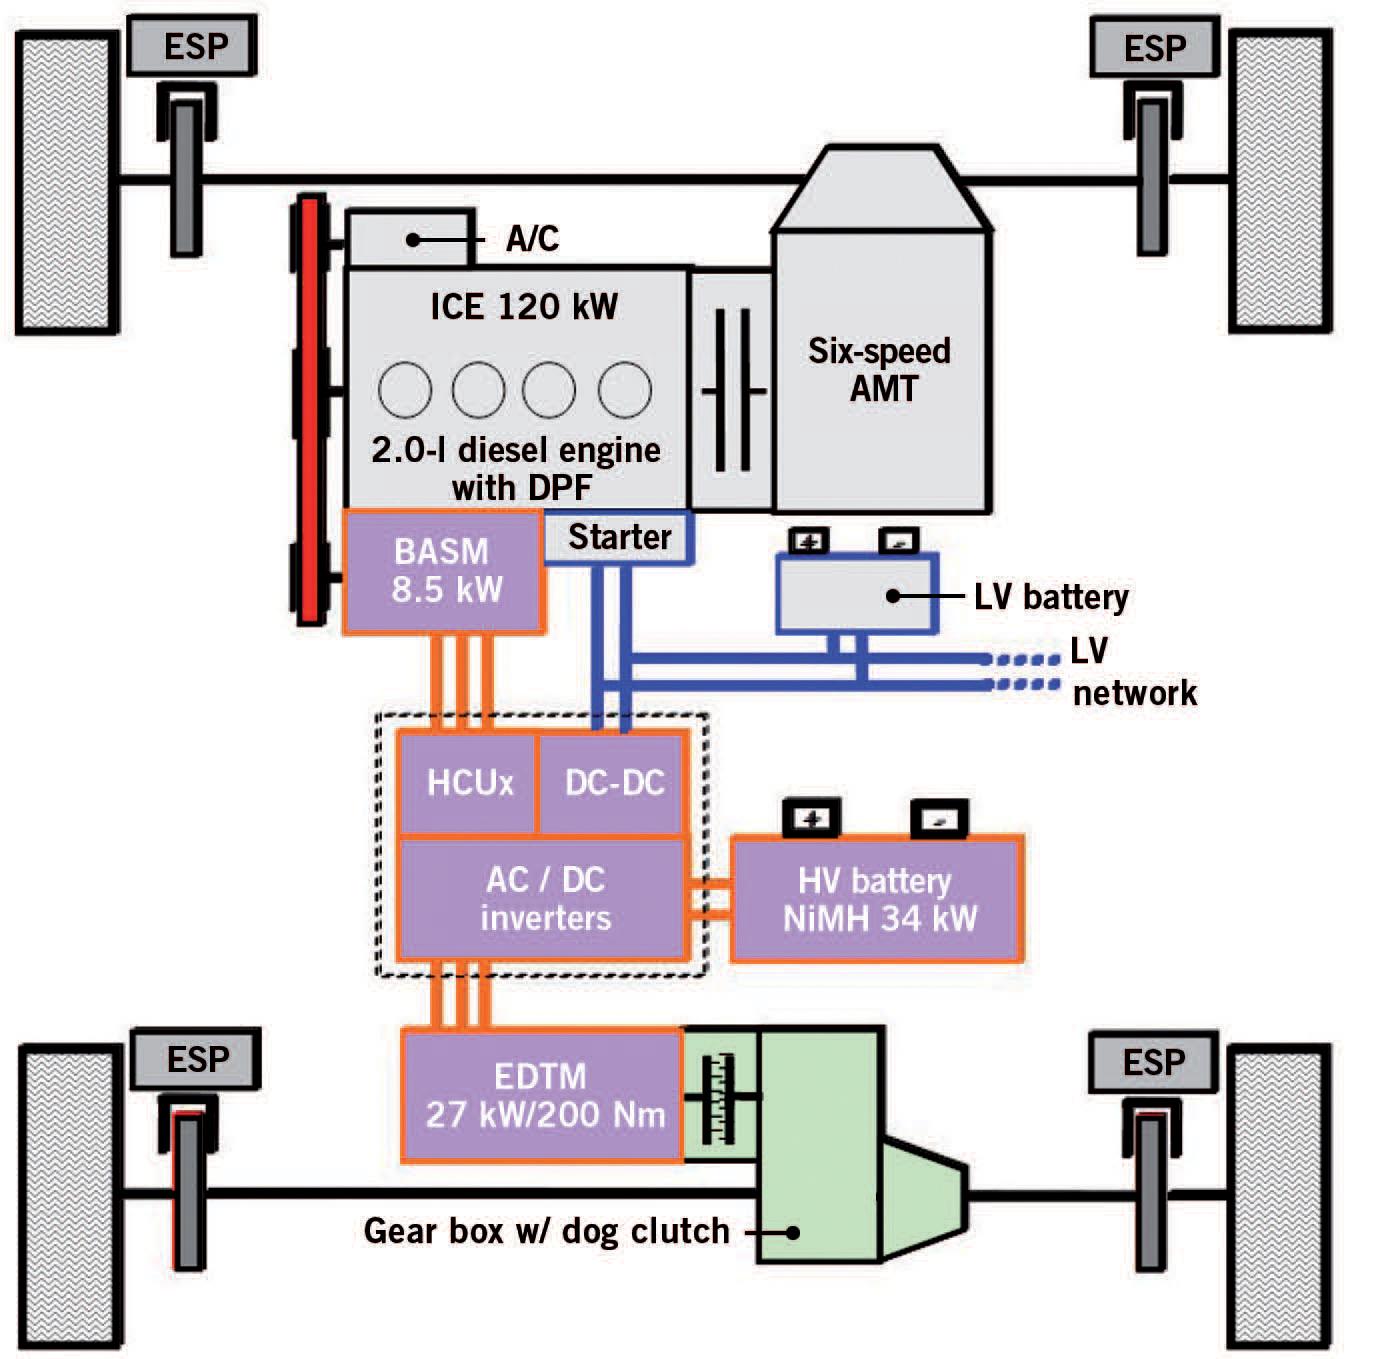 The New Hybrid Diesel Powertrain By Psa Springerlink Citroen Ds5 Wiring Diagram Open Image In Window